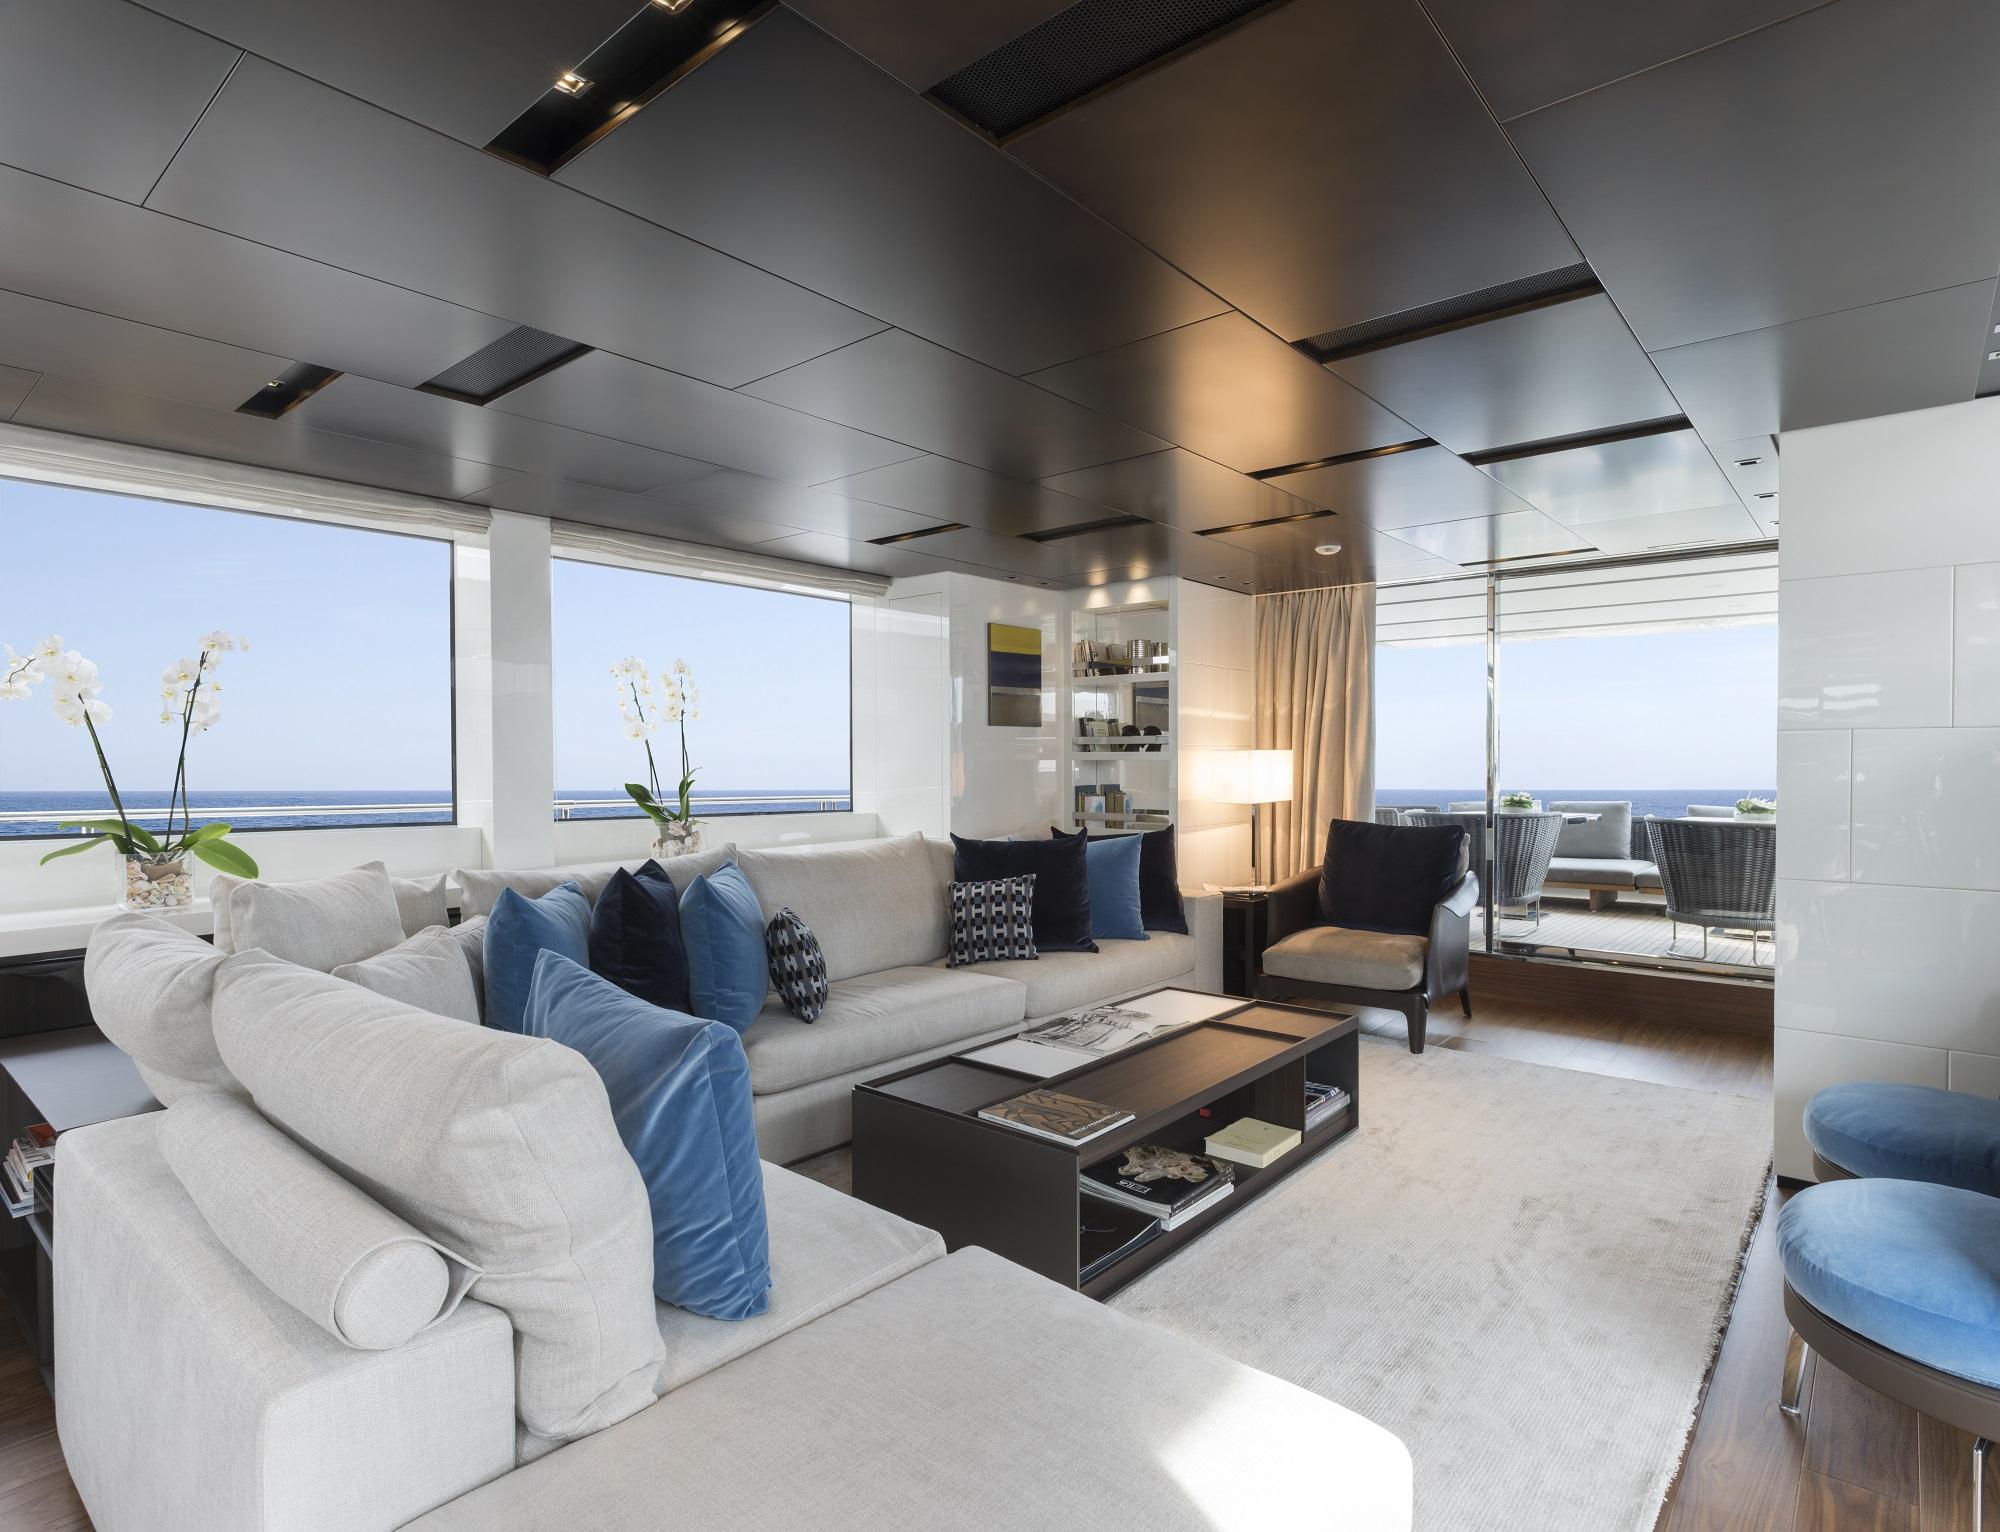 SL 106.644 lounge area